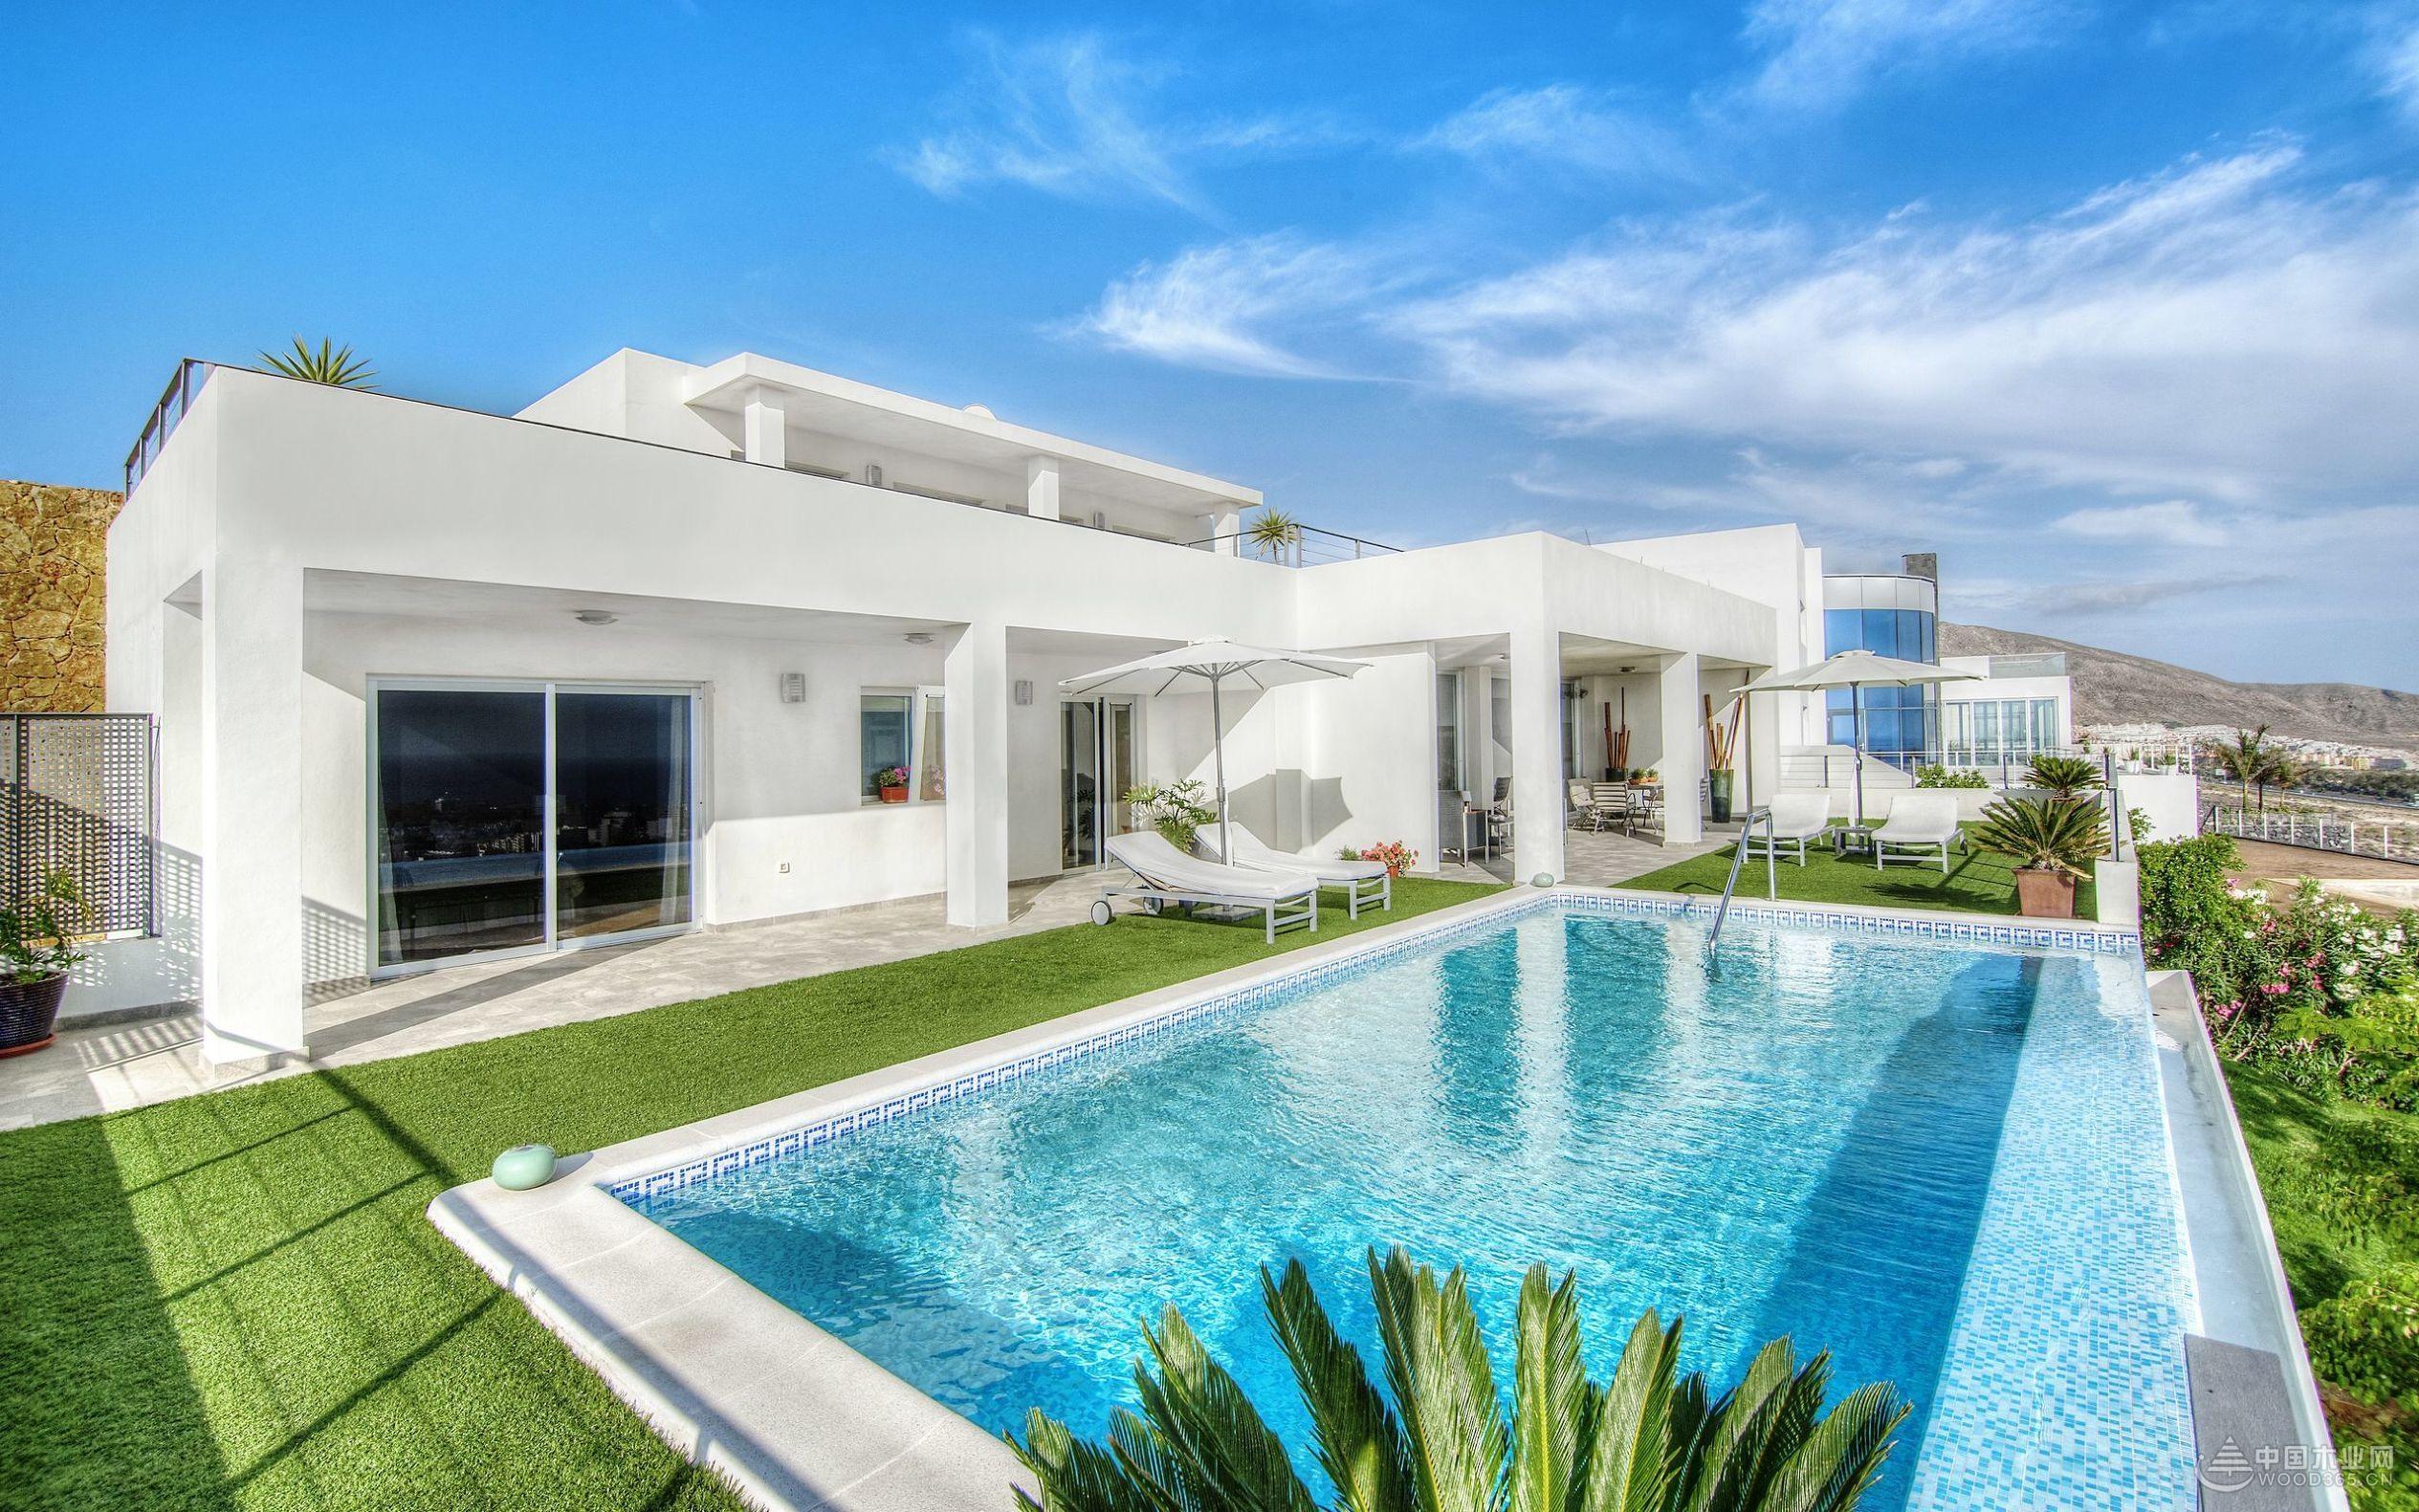 15款好看的私人别墅游泳池图片